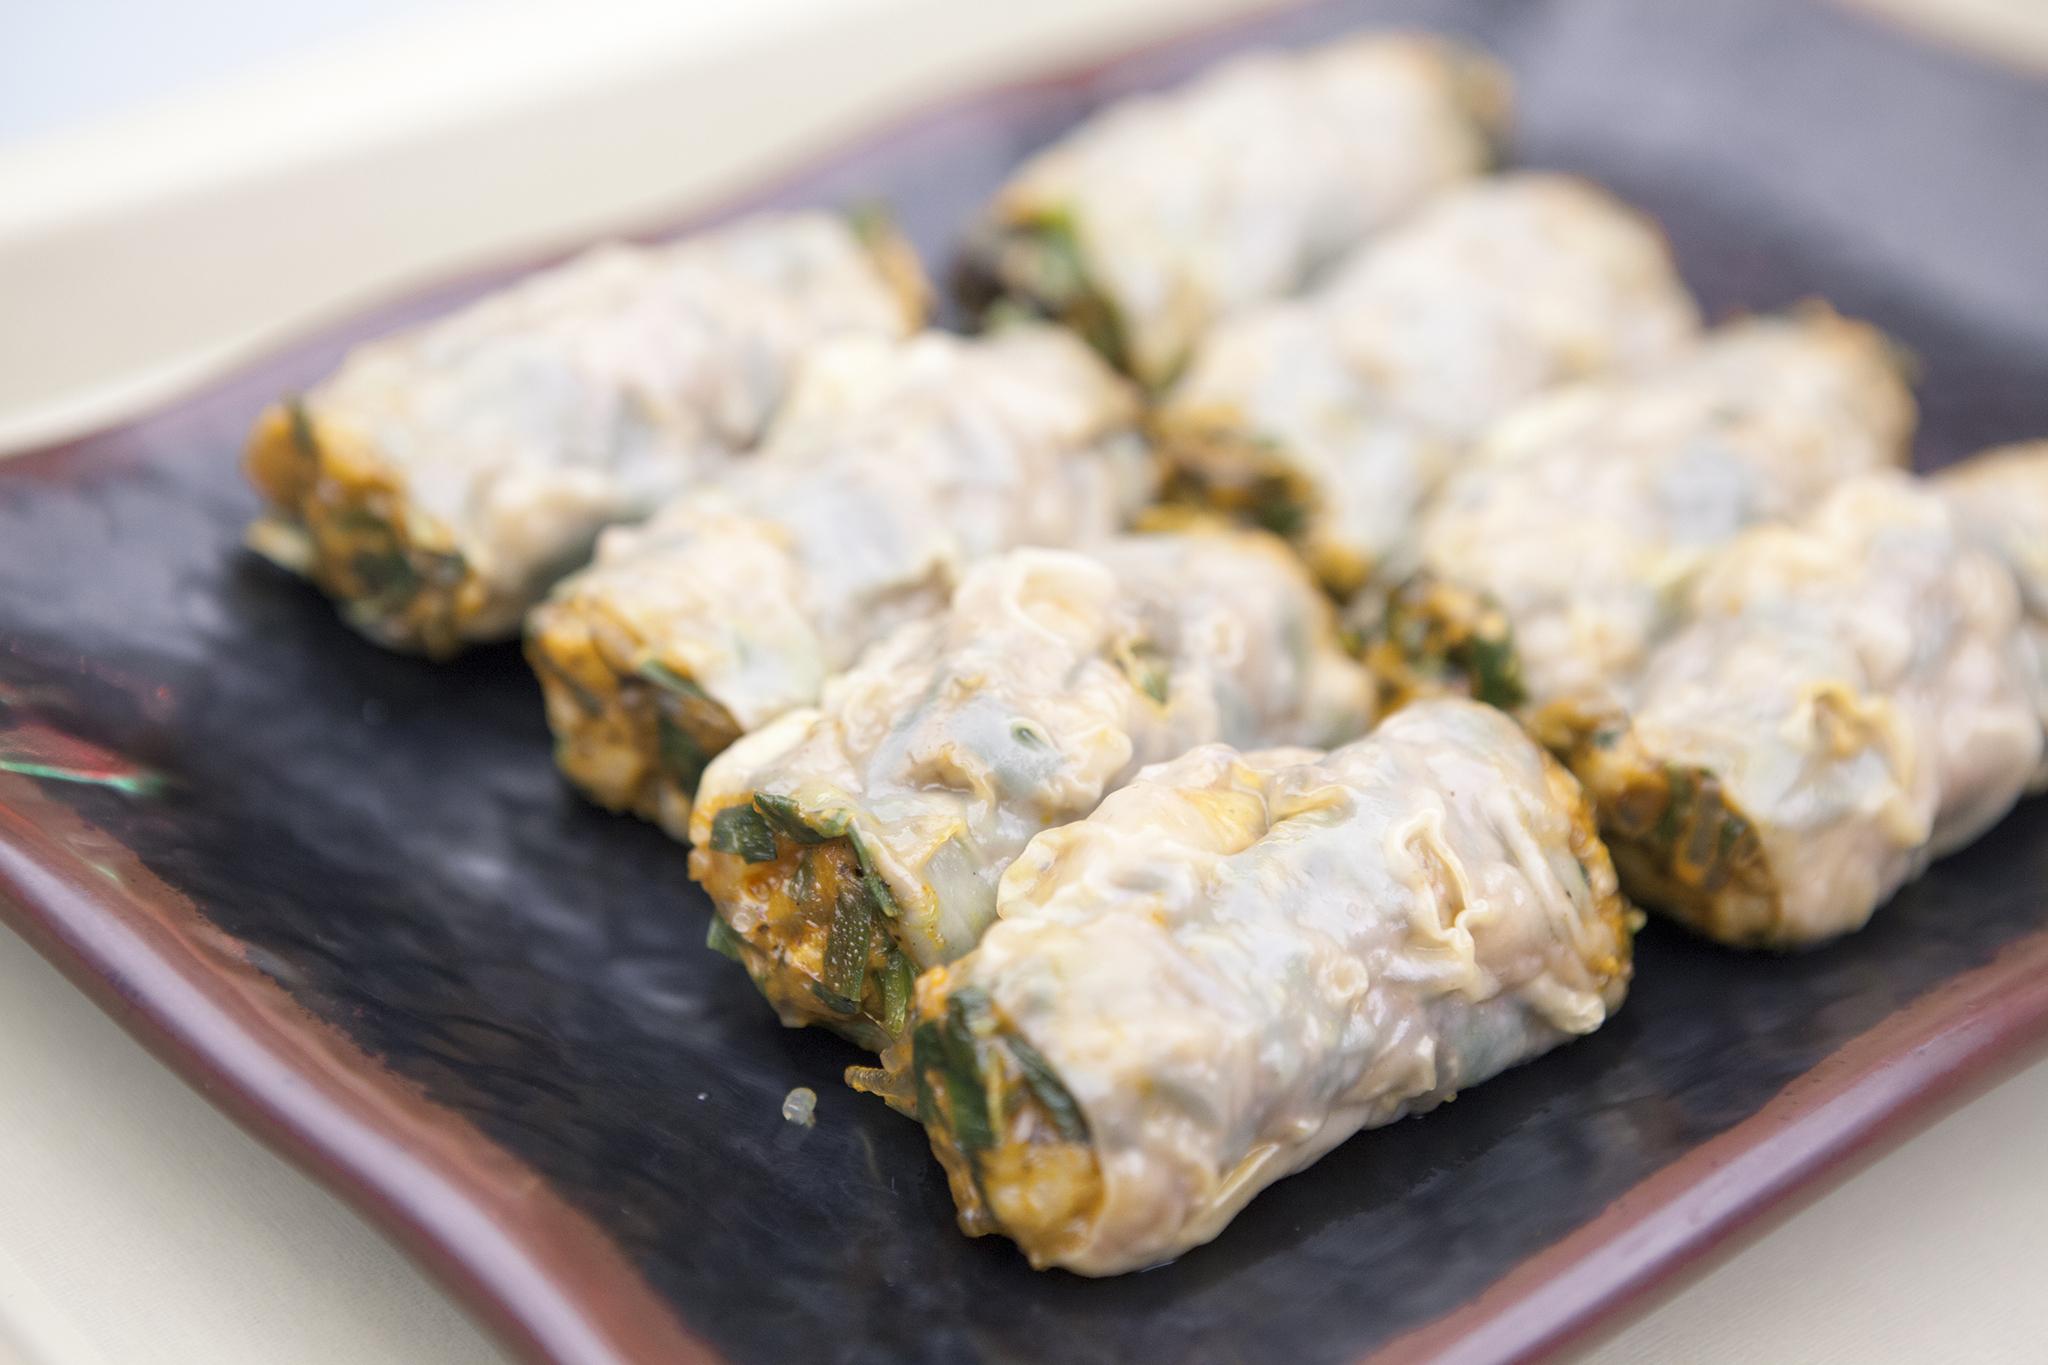 Shrimp dumplings at Pao Jao Dumpings